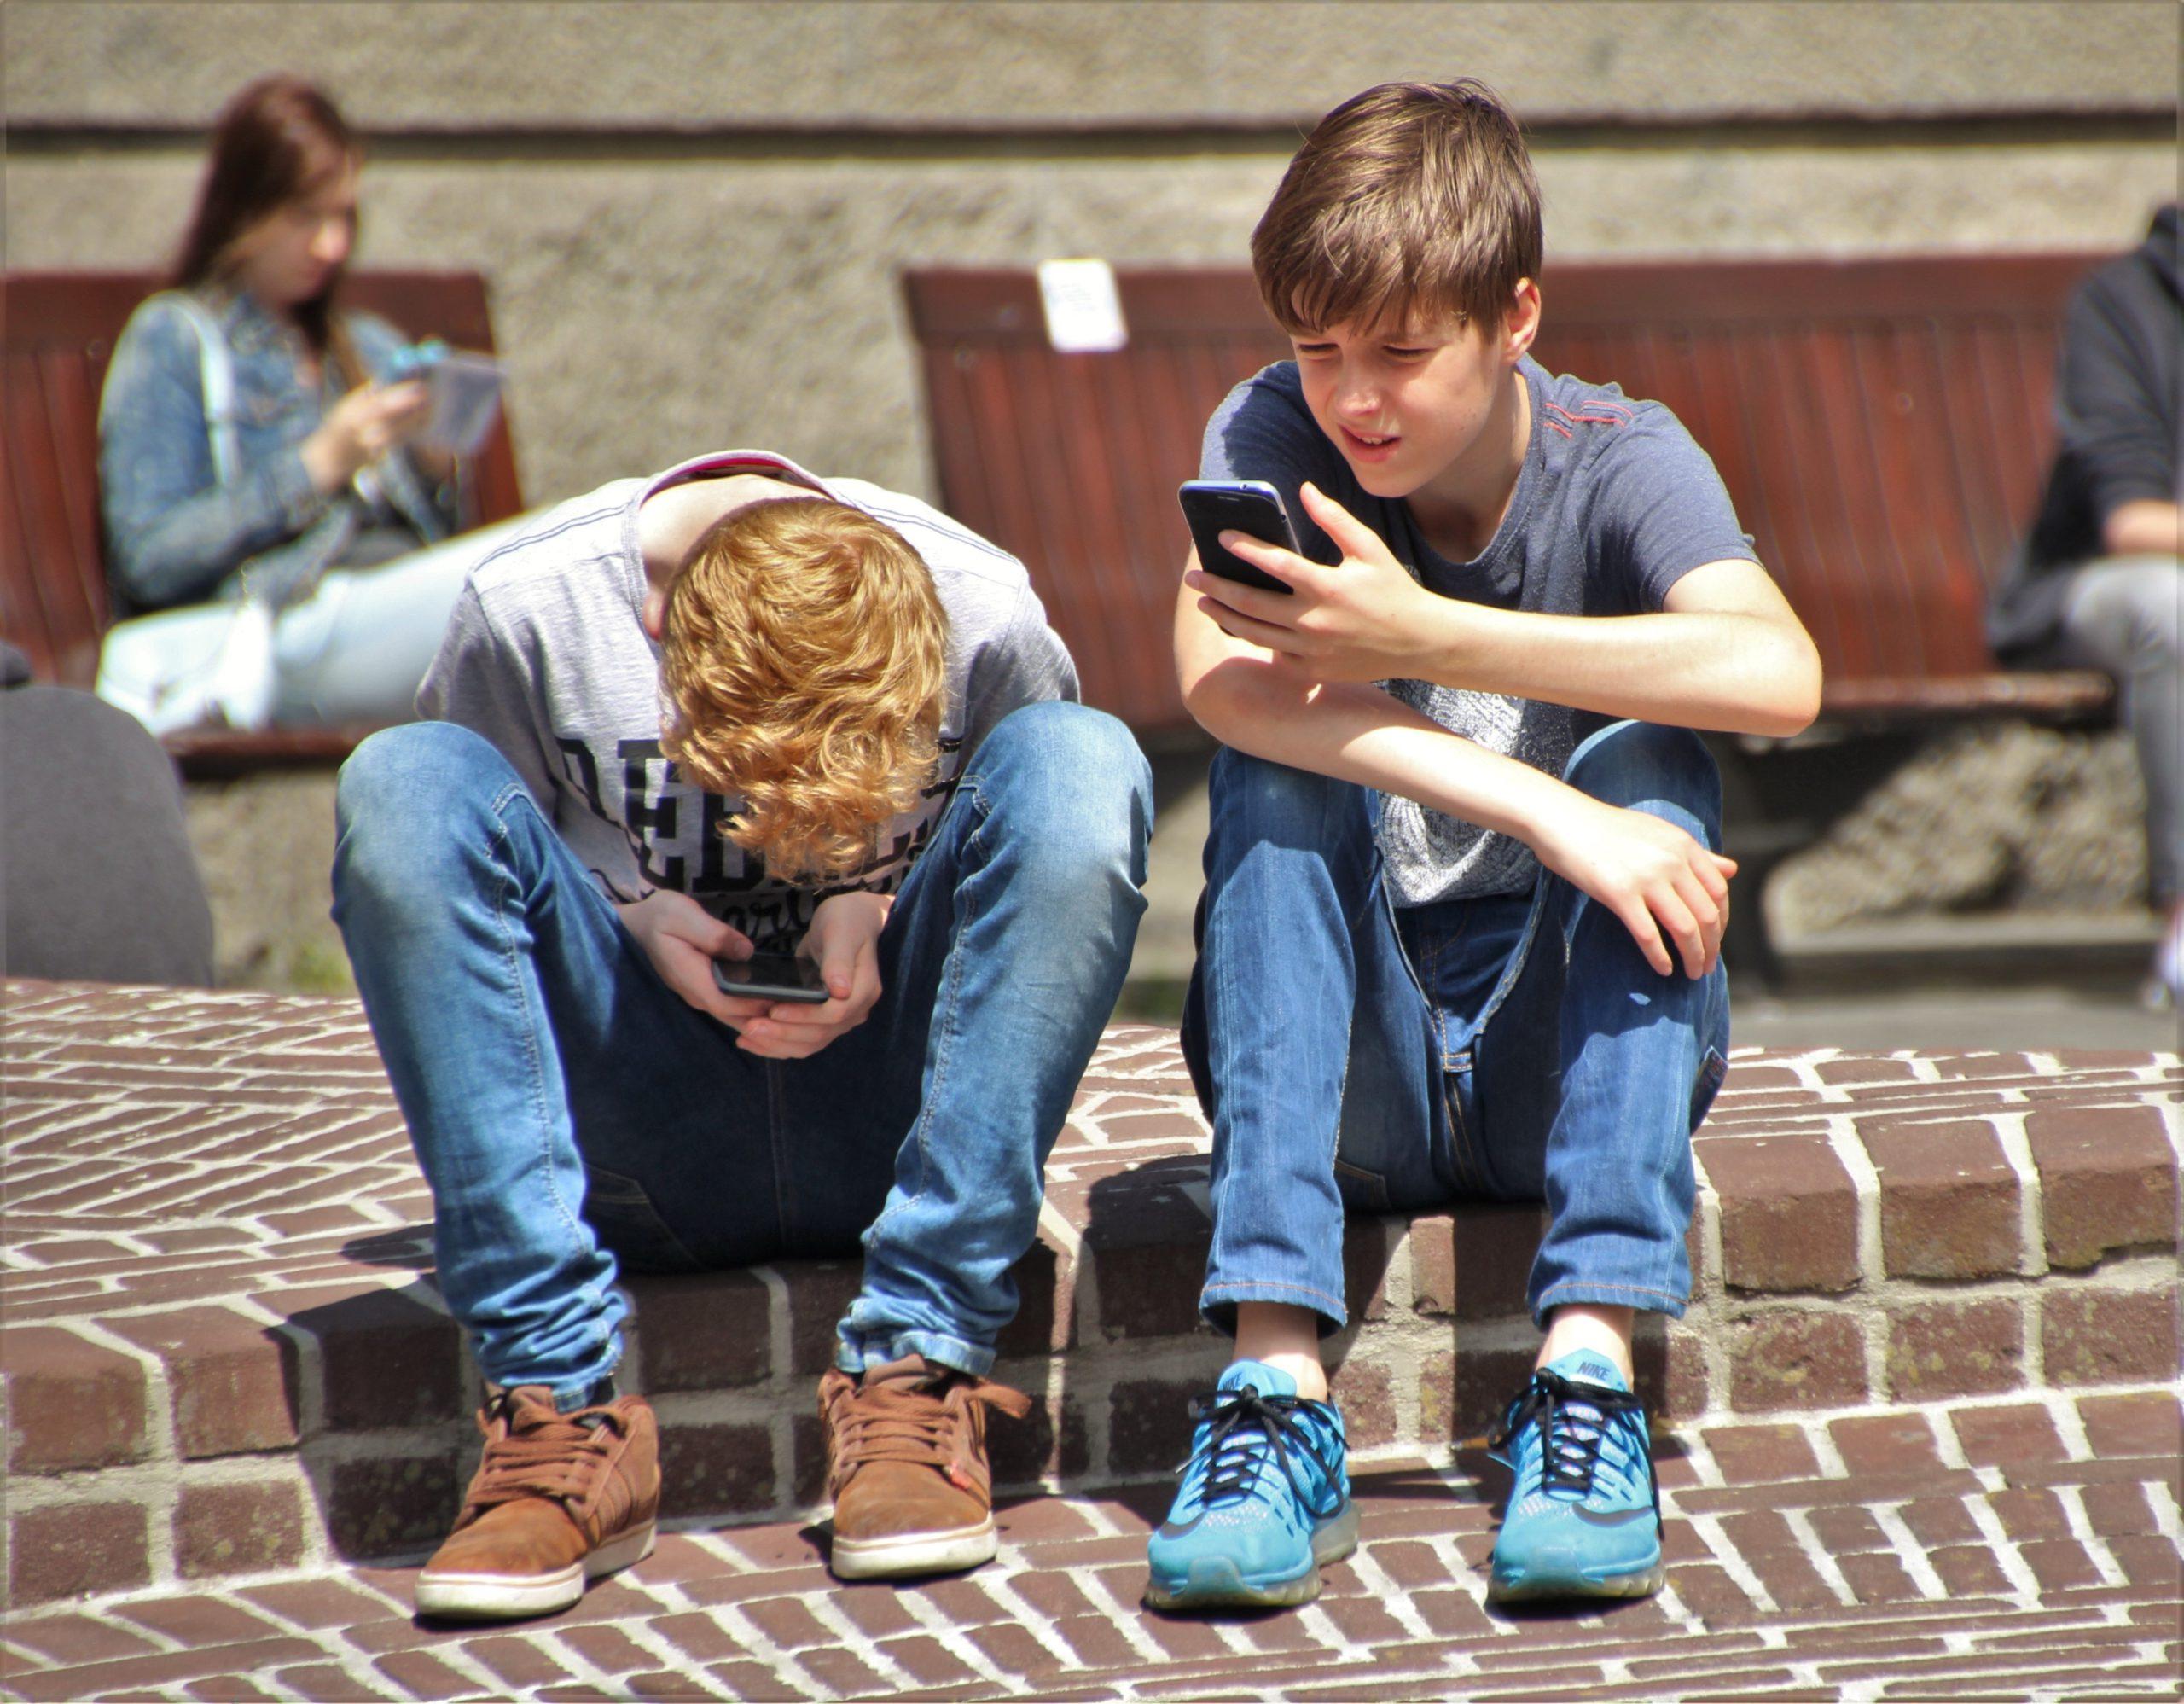 les enfants accro au téléphone-les moyens de préventions-les réseaux sociaux addictifs